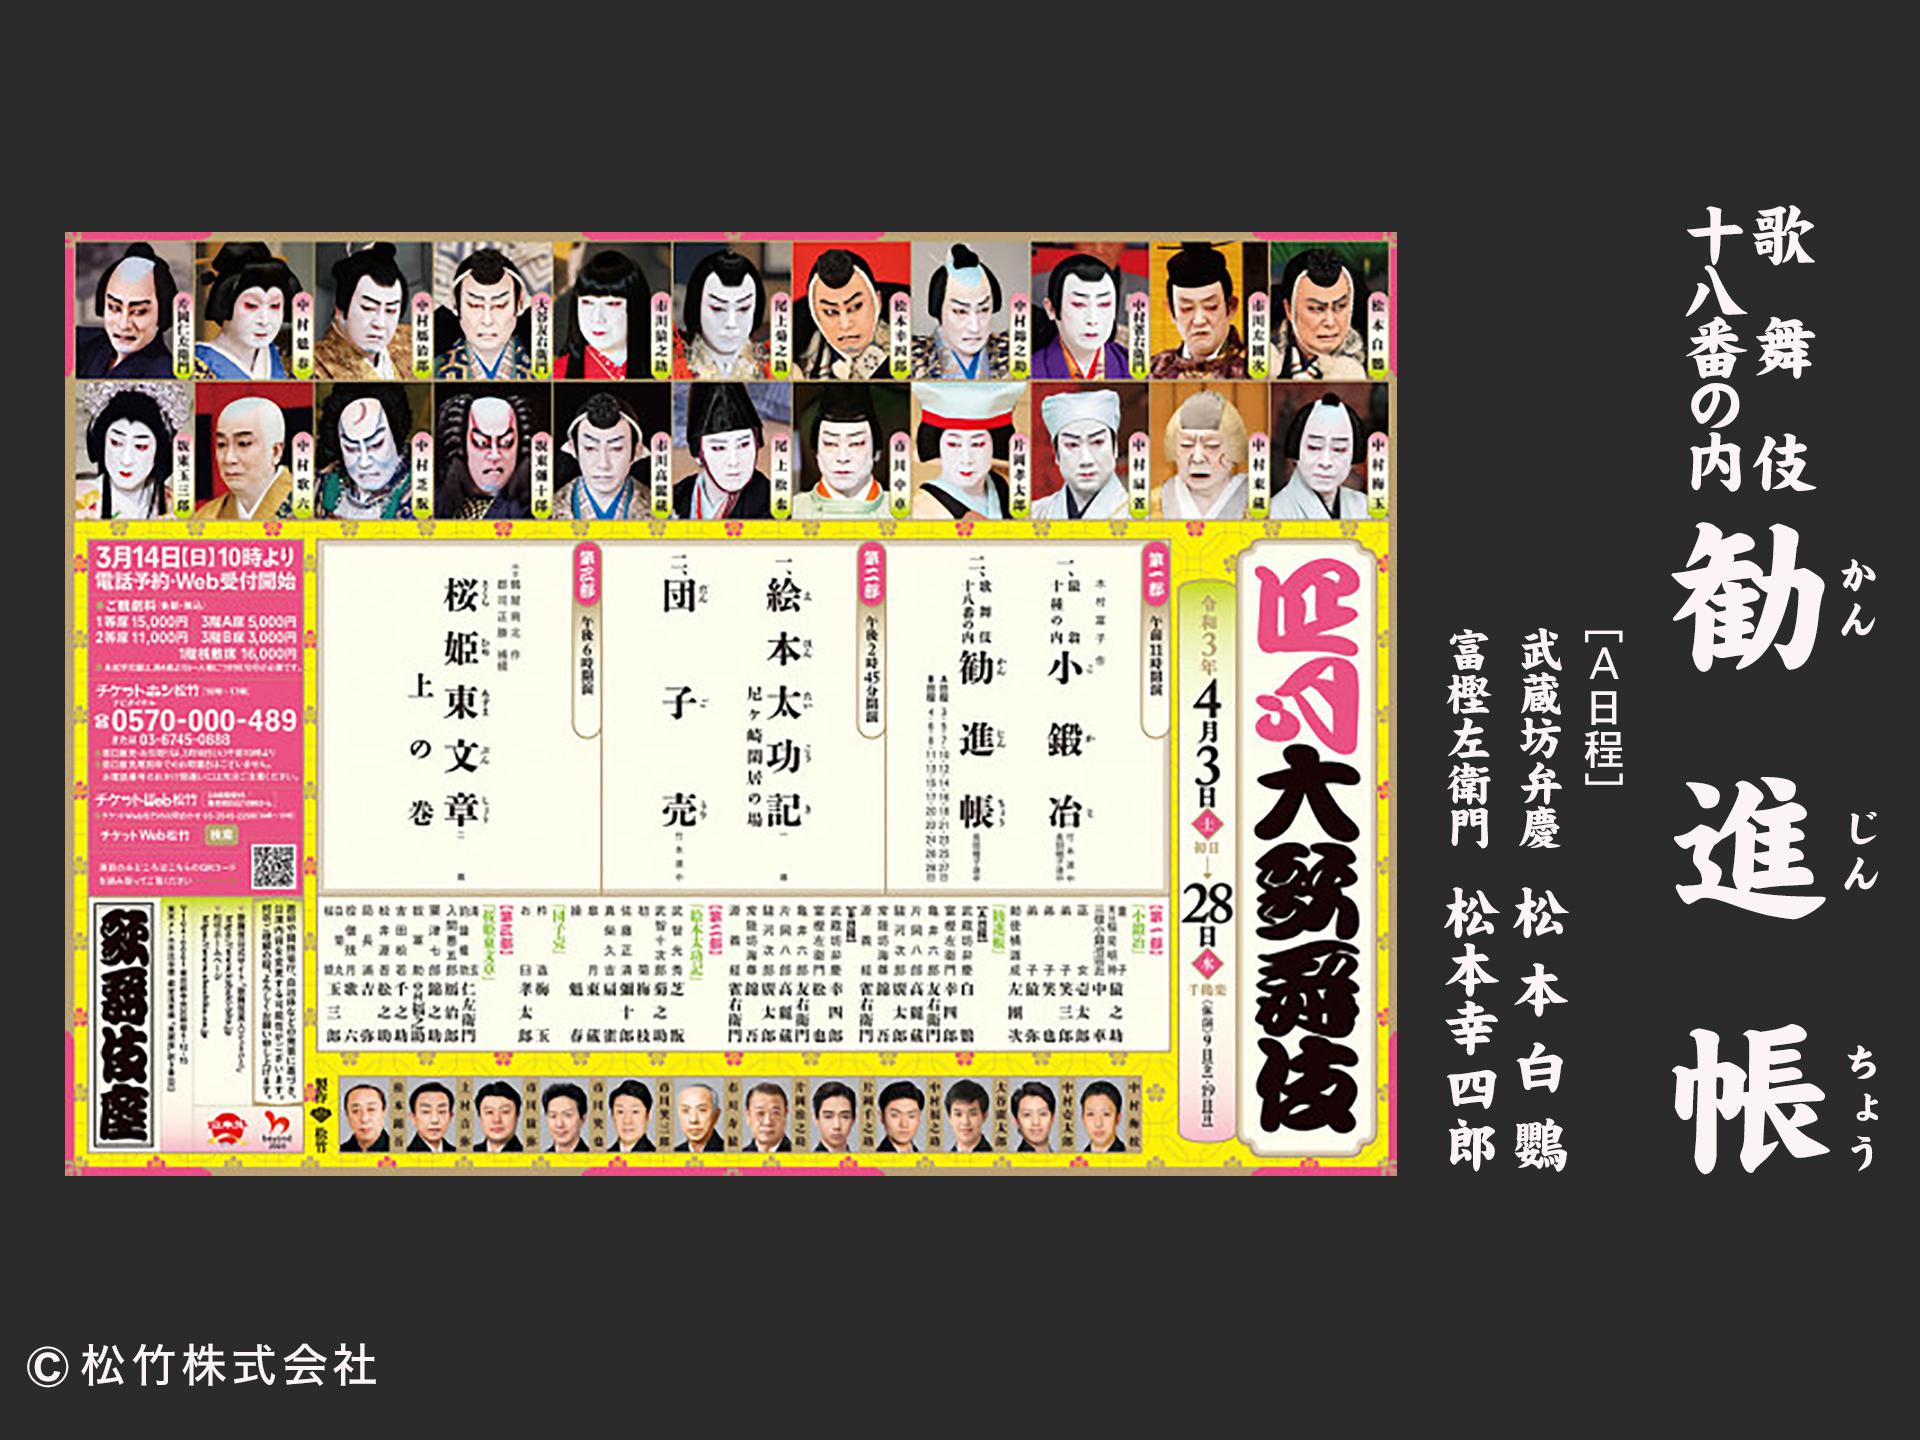 歌舞伎十八番の内 勧進帳[A日程]武蔵坊弁慶=松本白鸚 富樫左衛門=松本幸四郎